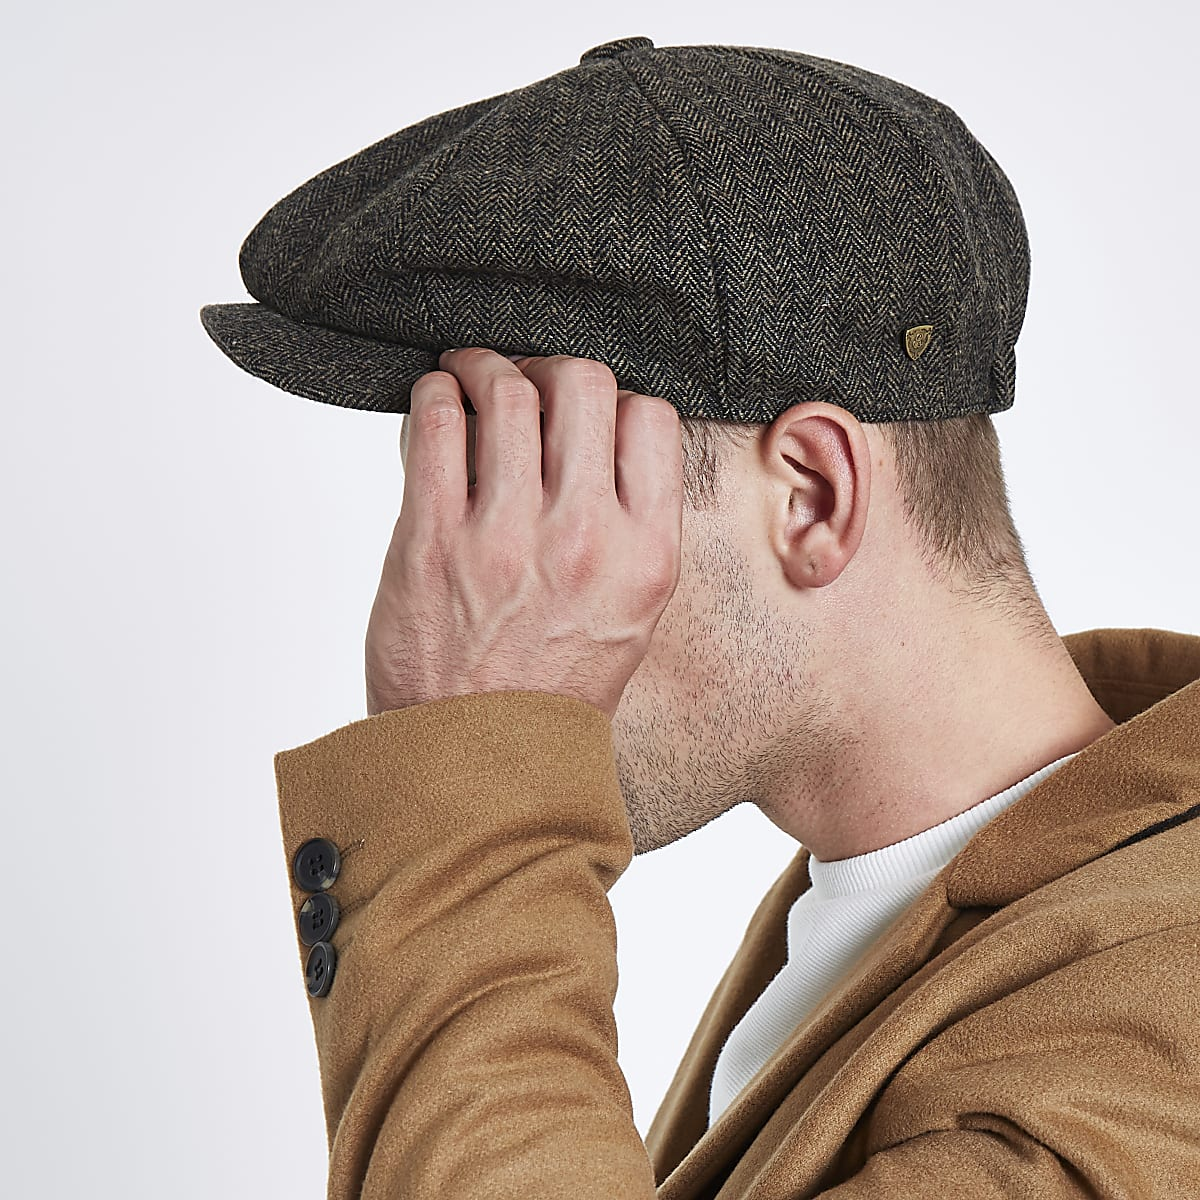 081c1519 Brown herringbone baker boy cap - Hats / Caps - Accessories - men